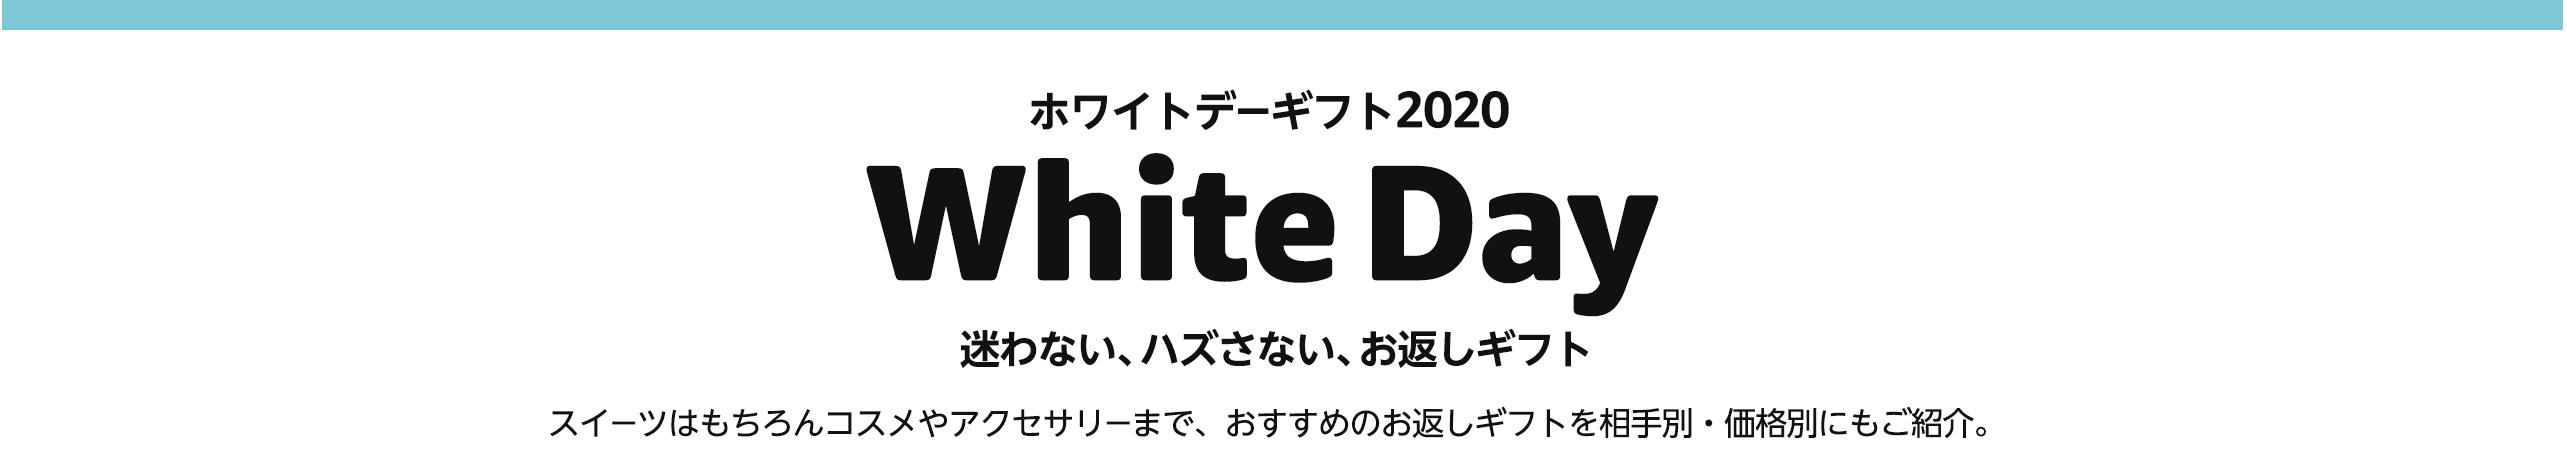 ホワイトデー 2020